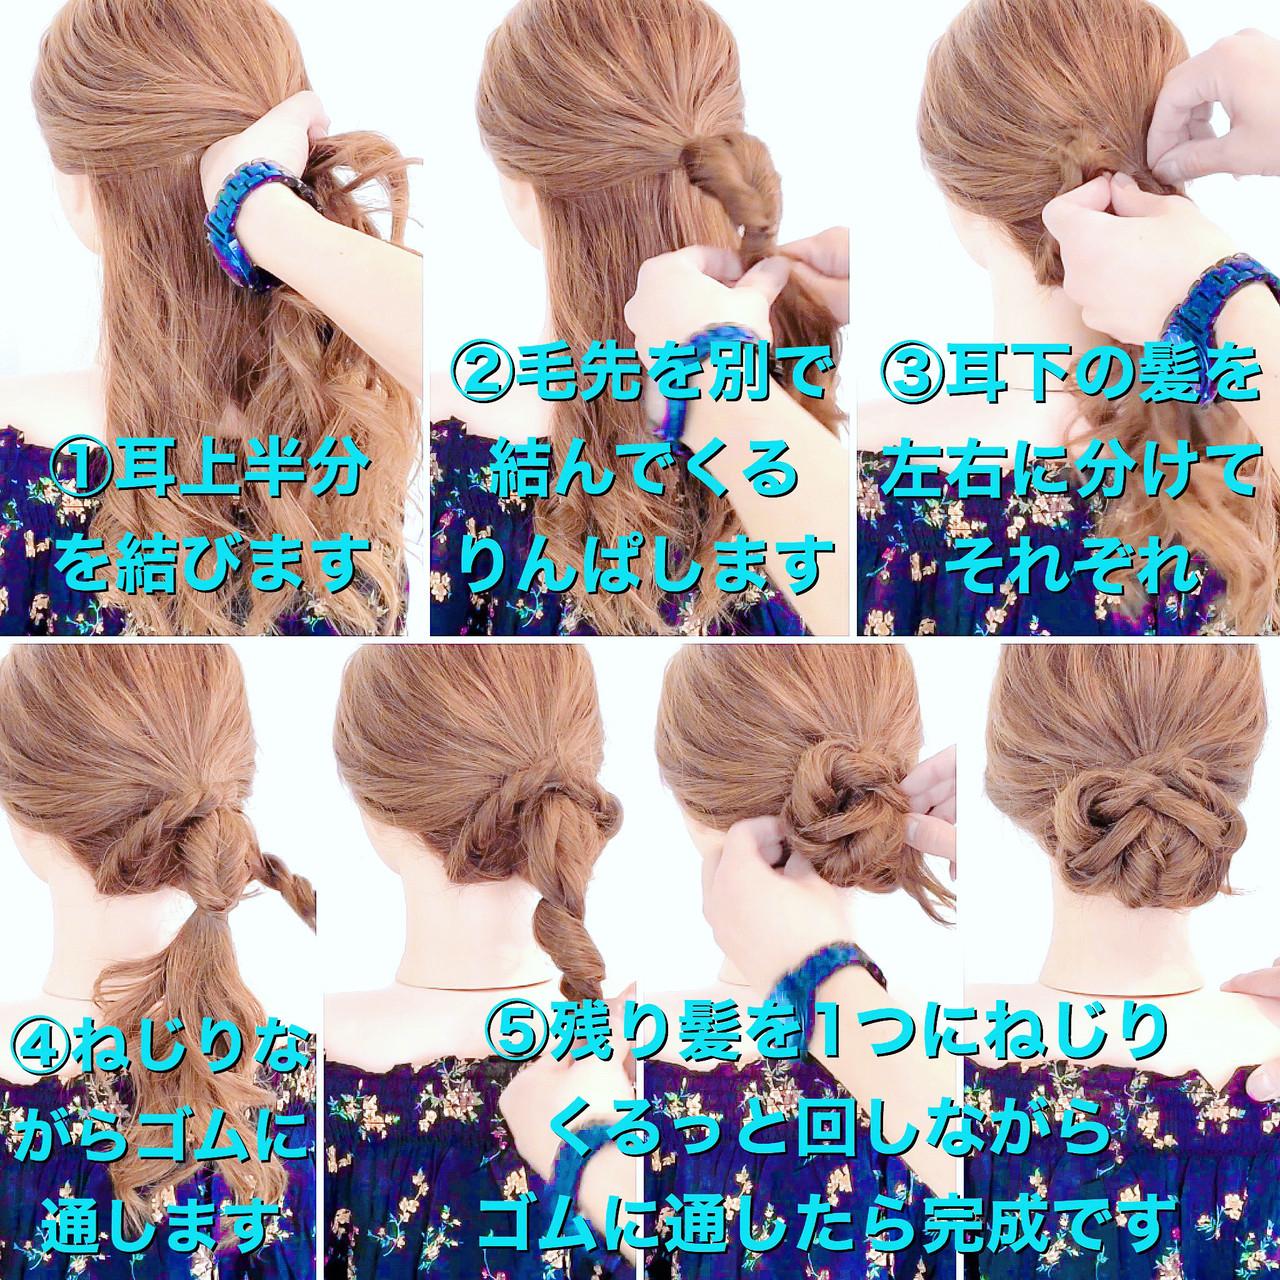 ヘアアレンジ ロング ヘアセット セルフヘアアレンジ ヘアスタイルや髪型の写真・画像